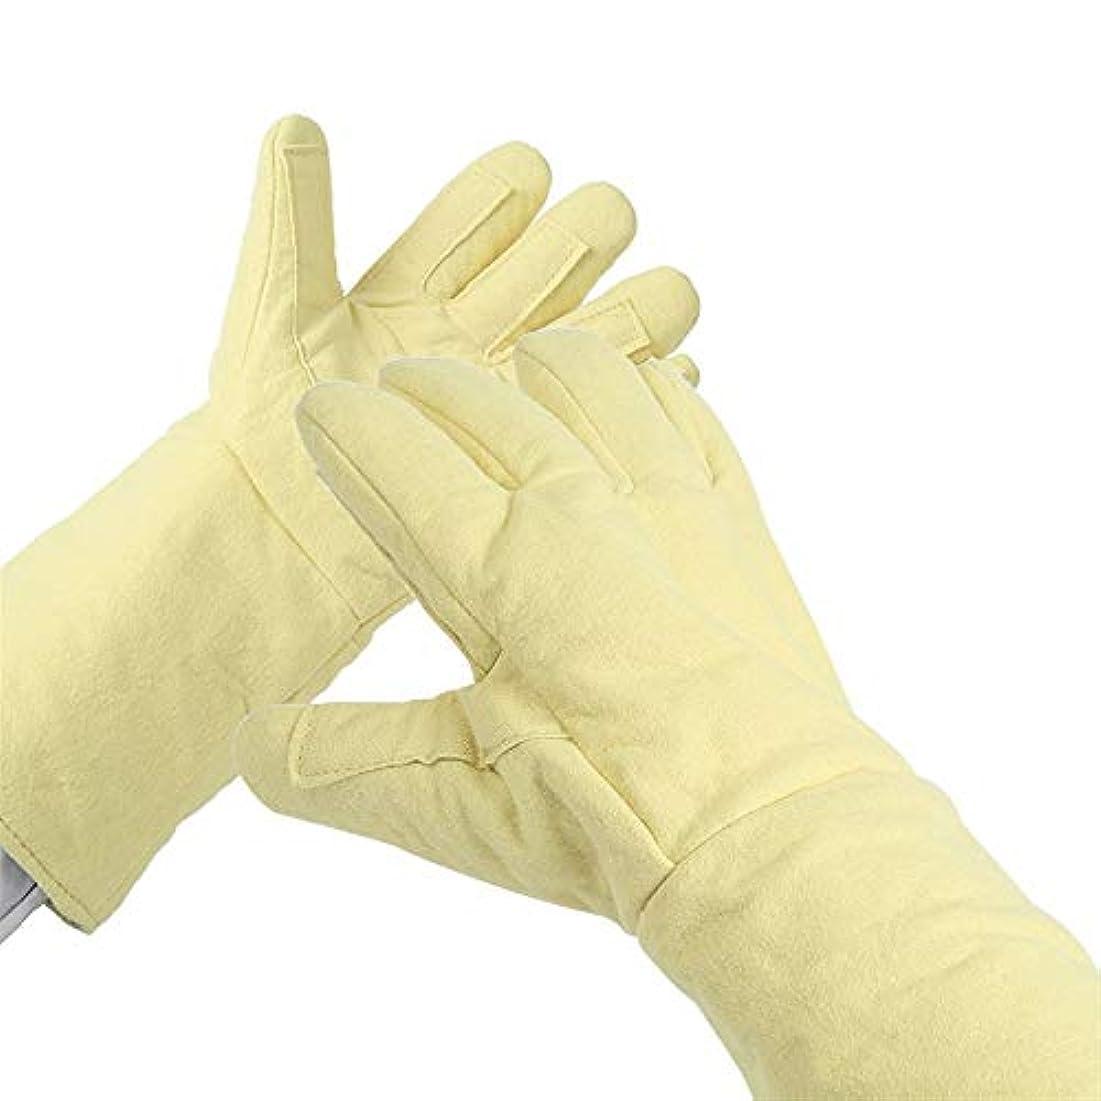 過ち吐くミキサーBTXXYJP 高温耐性 手袋 アンチカッティング ハンド 穿刺 保護 産業労働者 耐摩耗性 手袋 (Color : Yellow, Size : L)